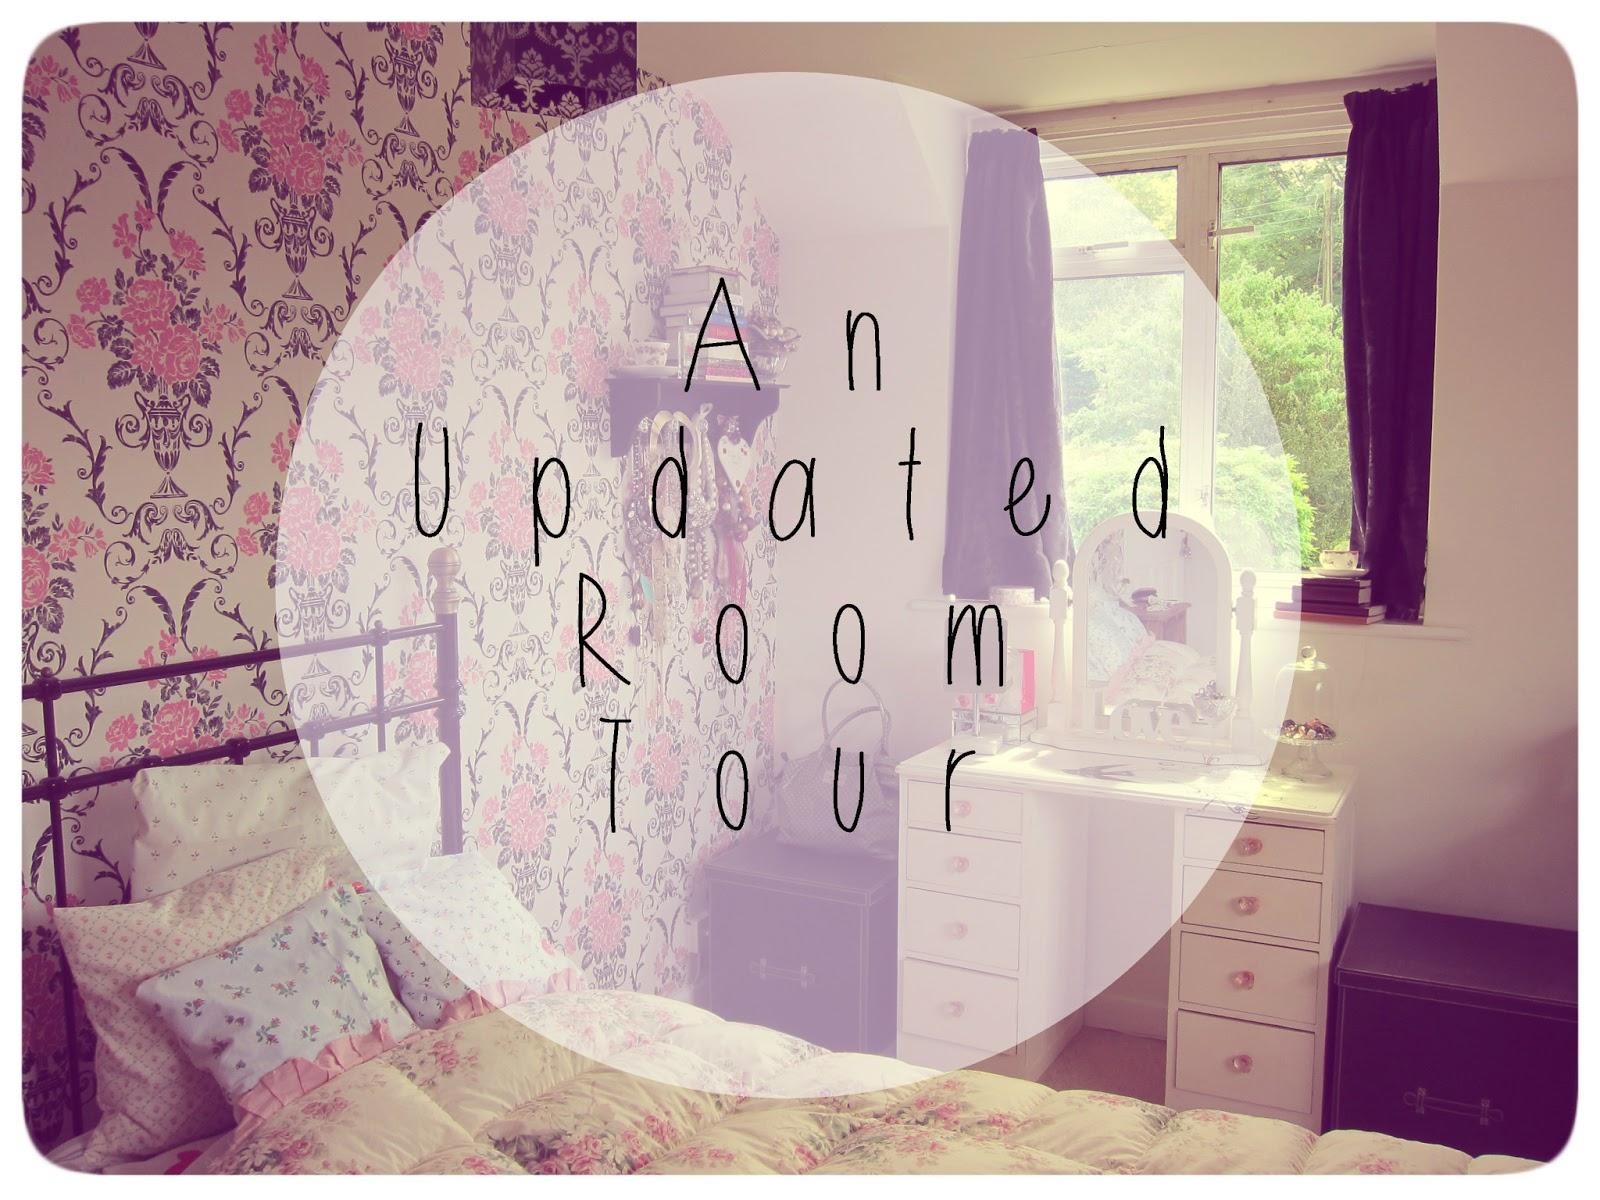 Room tumblr creative room ideas for teenage girls vintage room ideas